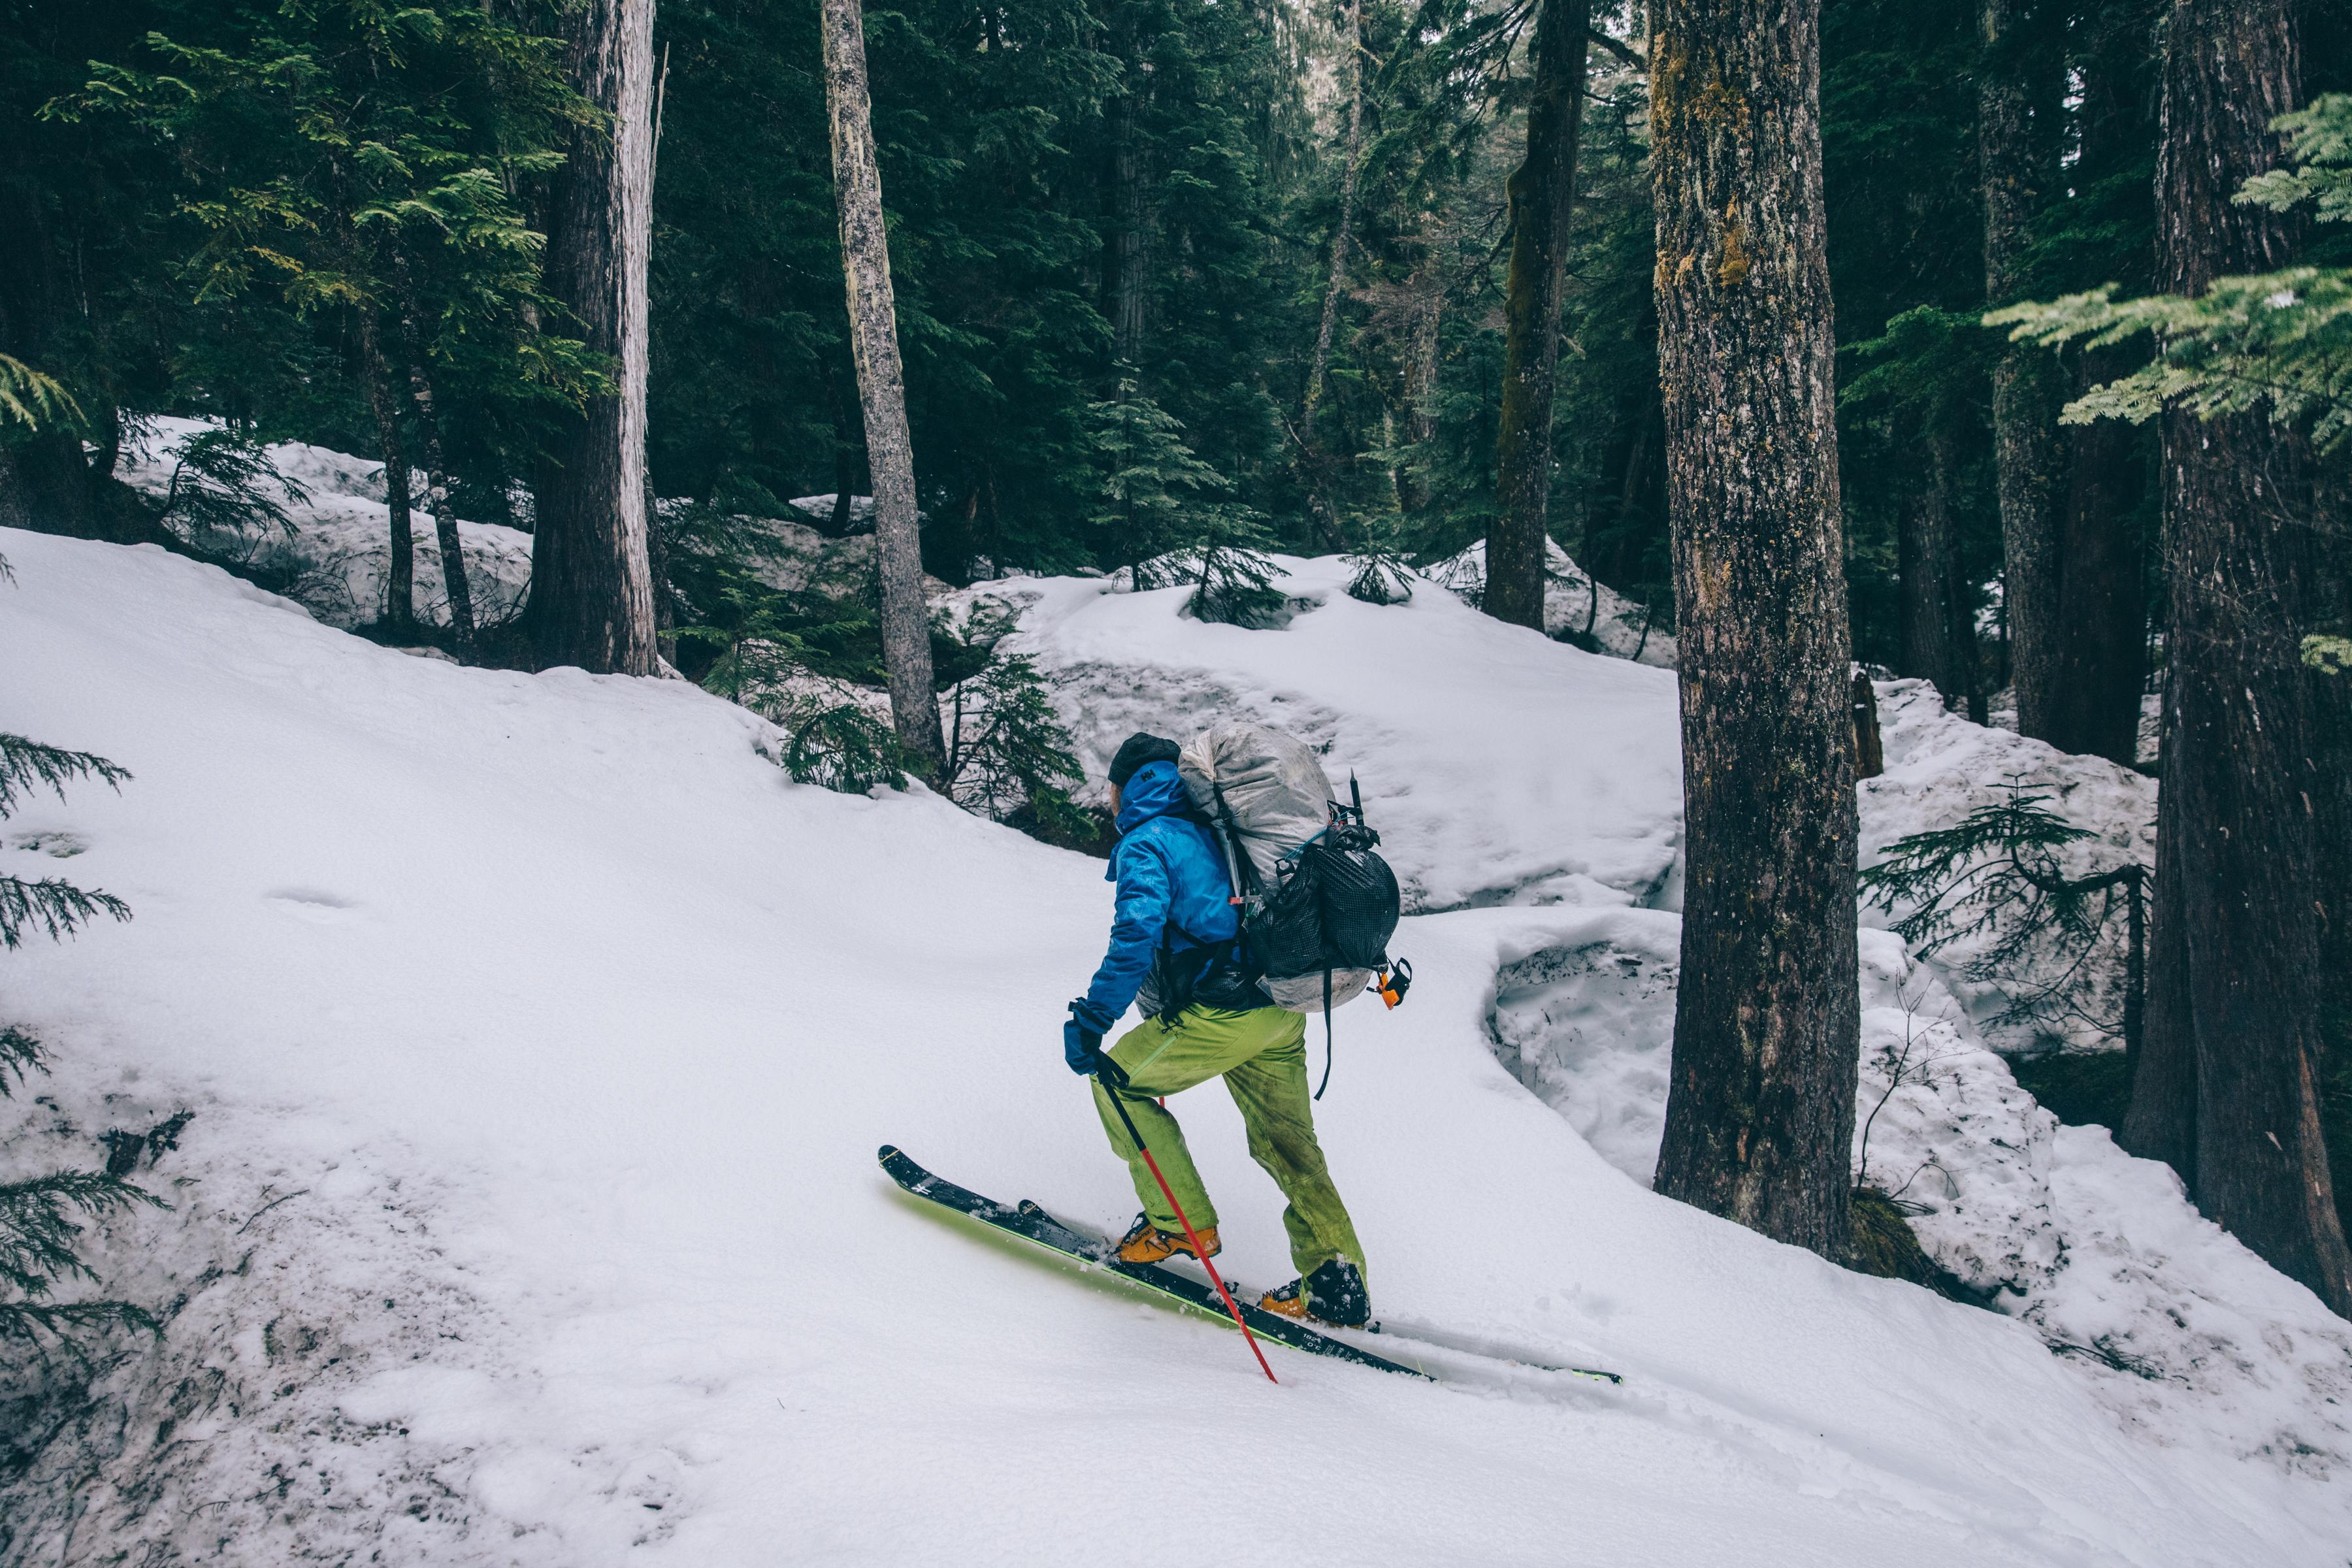 The ski begins